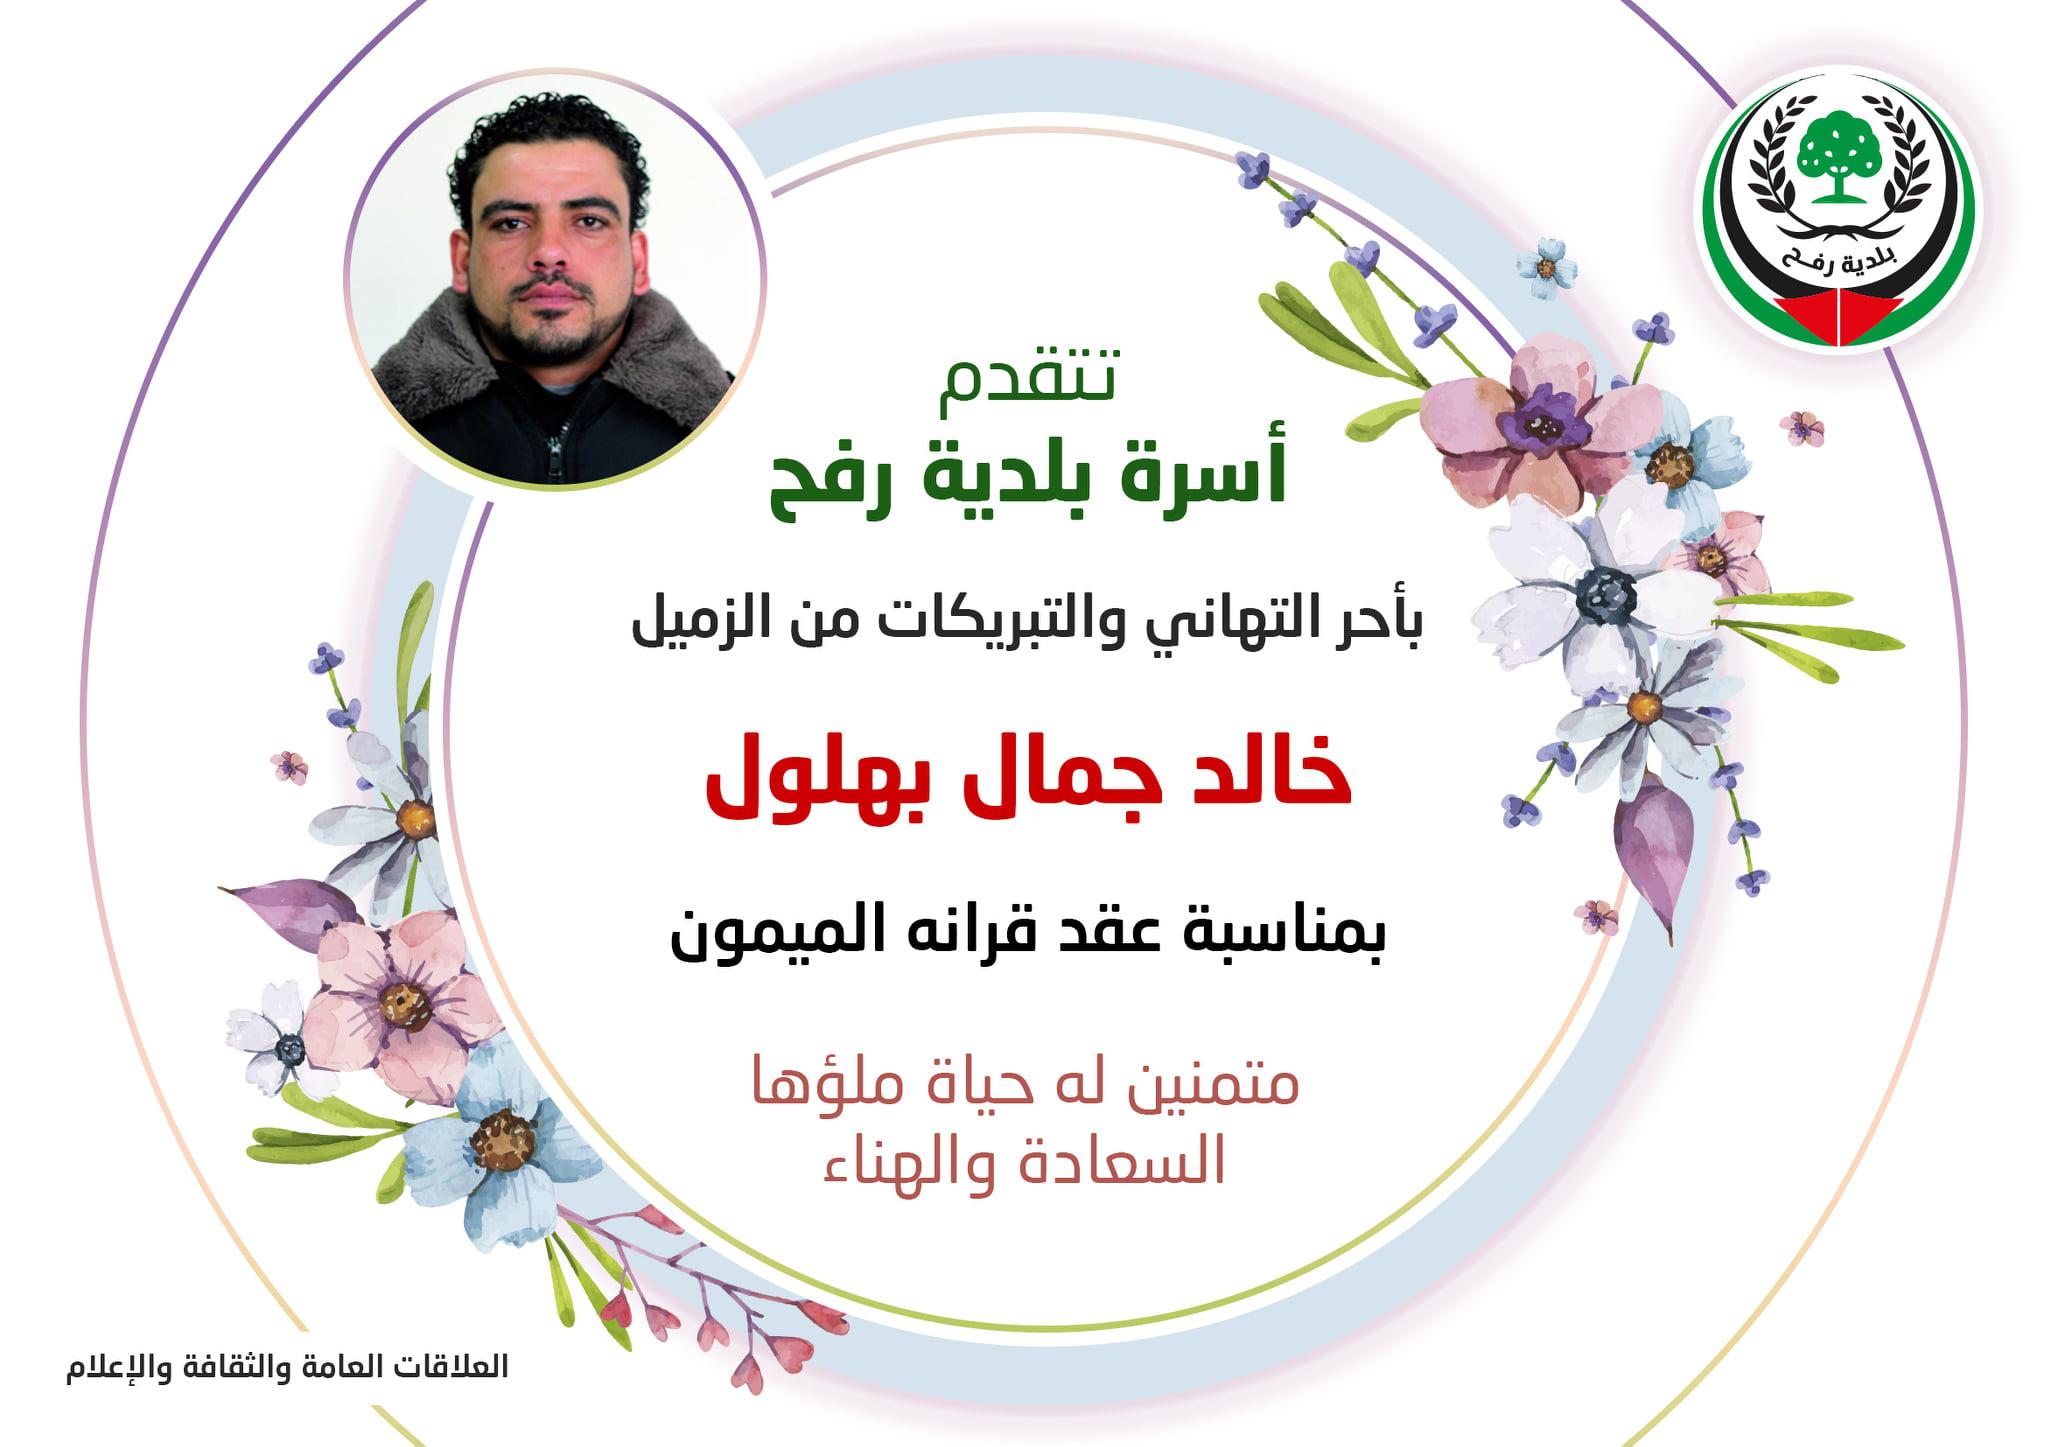 تهنئة للزميل خالد بهلول بعقد قرانه